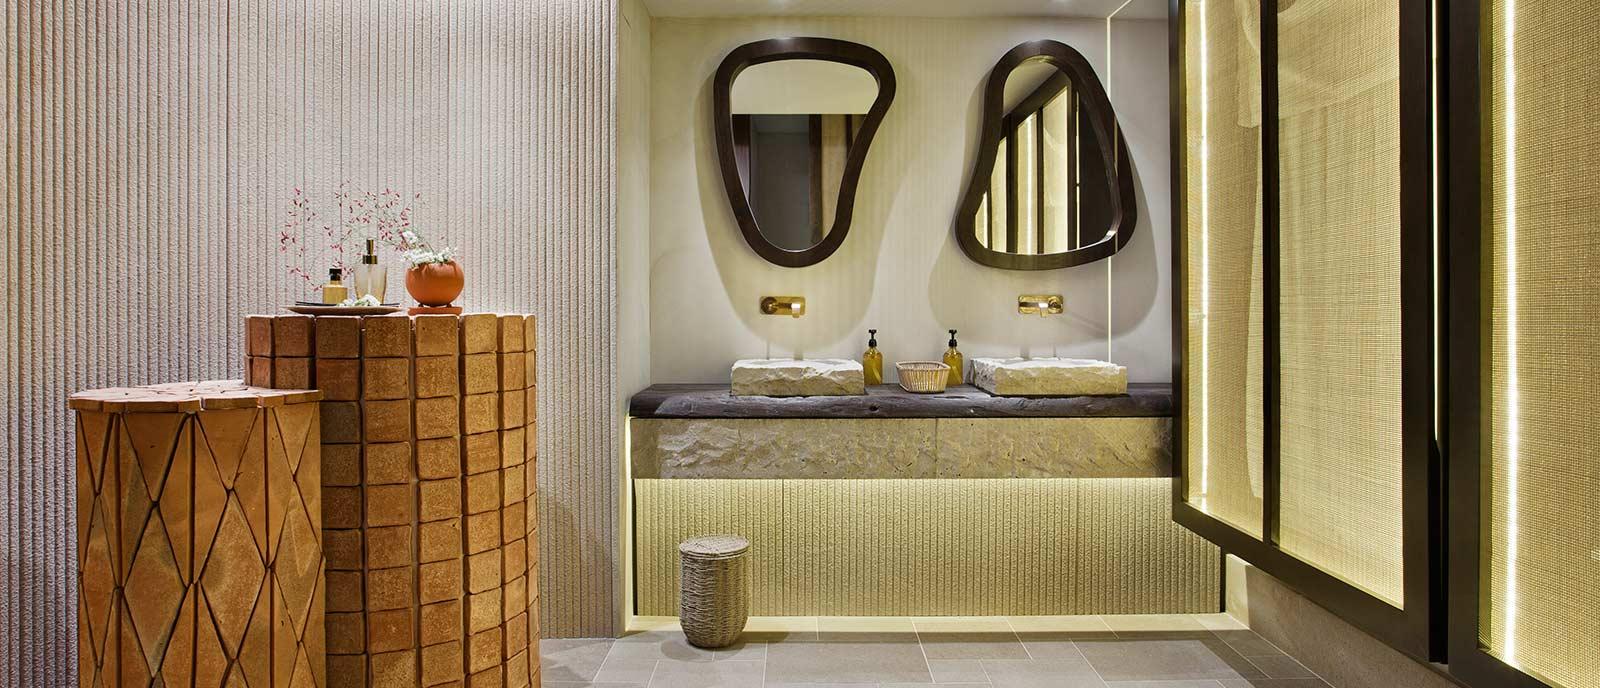 Casa Decor 2021: Espacios elegantes de Diseñadores de Interiores lujuosos casa decor 2021 Casa Decor 2021: Espacios elegantes de Diseñadores de Interiores lujuosos 9